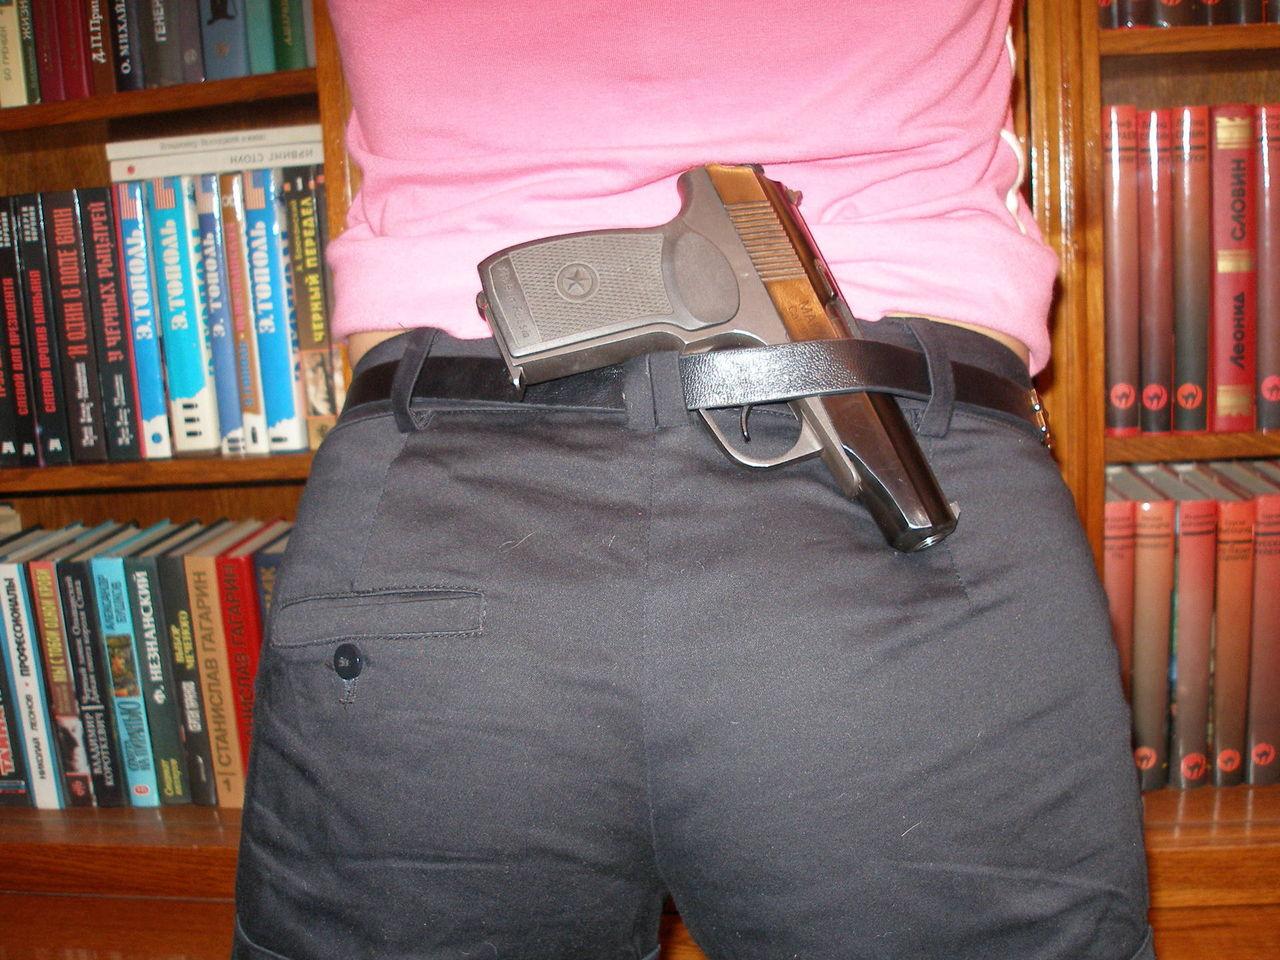 Пистолет за поясом картинки